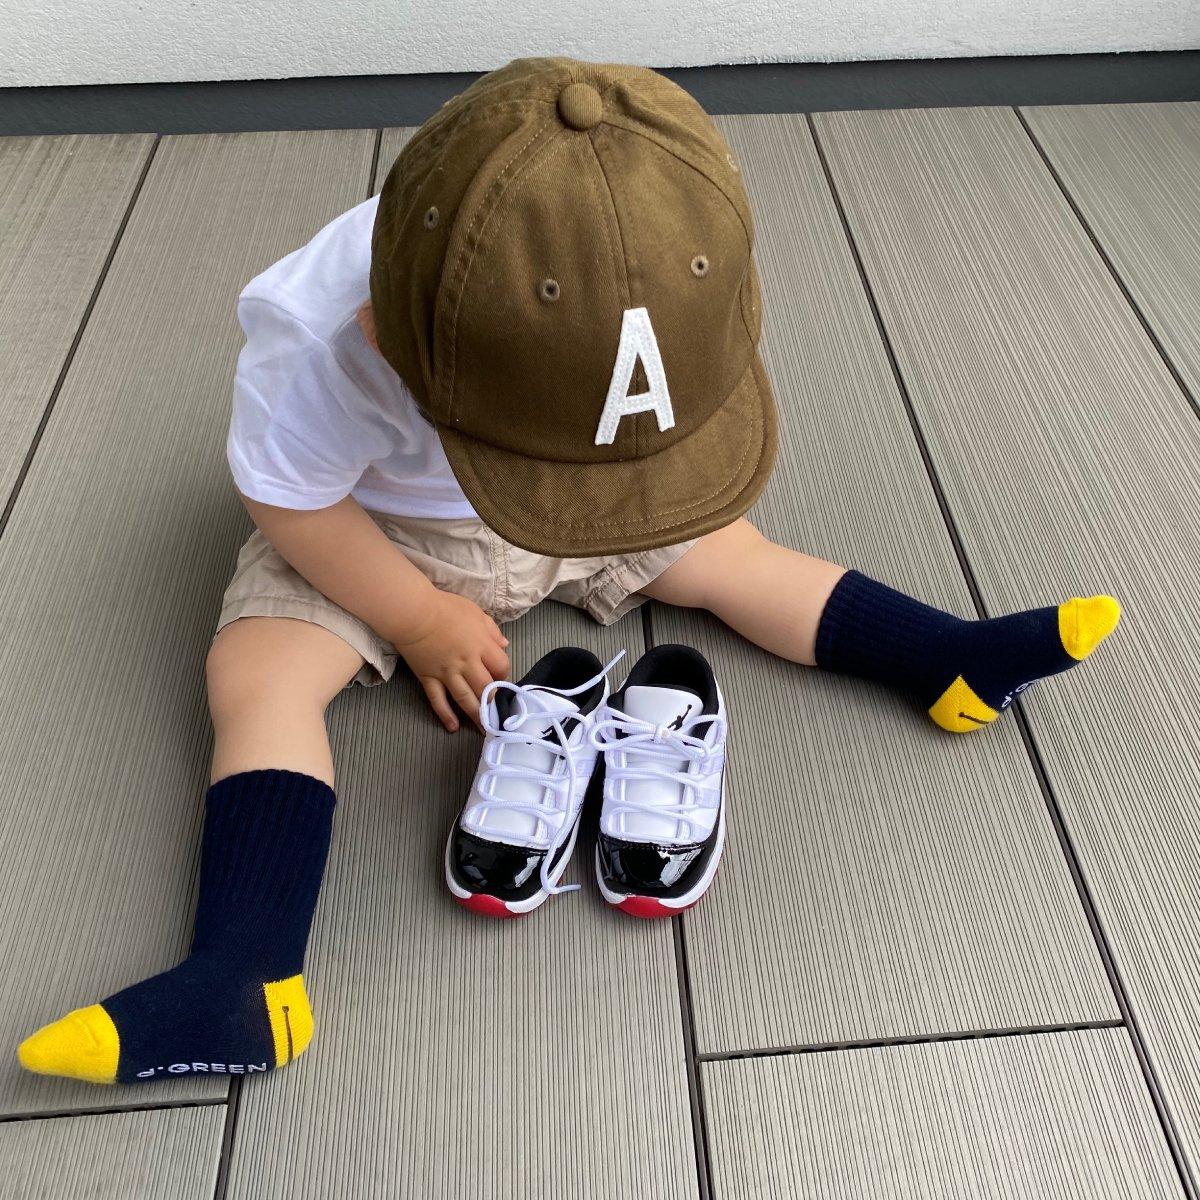 【BABY】Smile Socks 詳細画像24